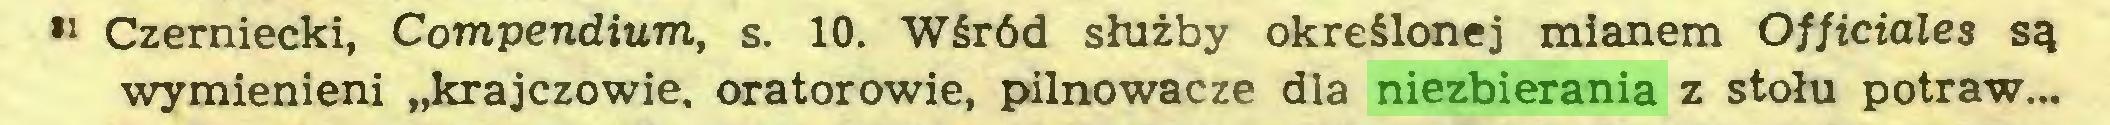 """(...) 81 Czerniecki, Compendium, s. 10. Wśród służby określonej mianem Officiales są wymienieni """"krajczowie, oratorowie, pilnowacze dla niezbierania z stołu potraw..."""